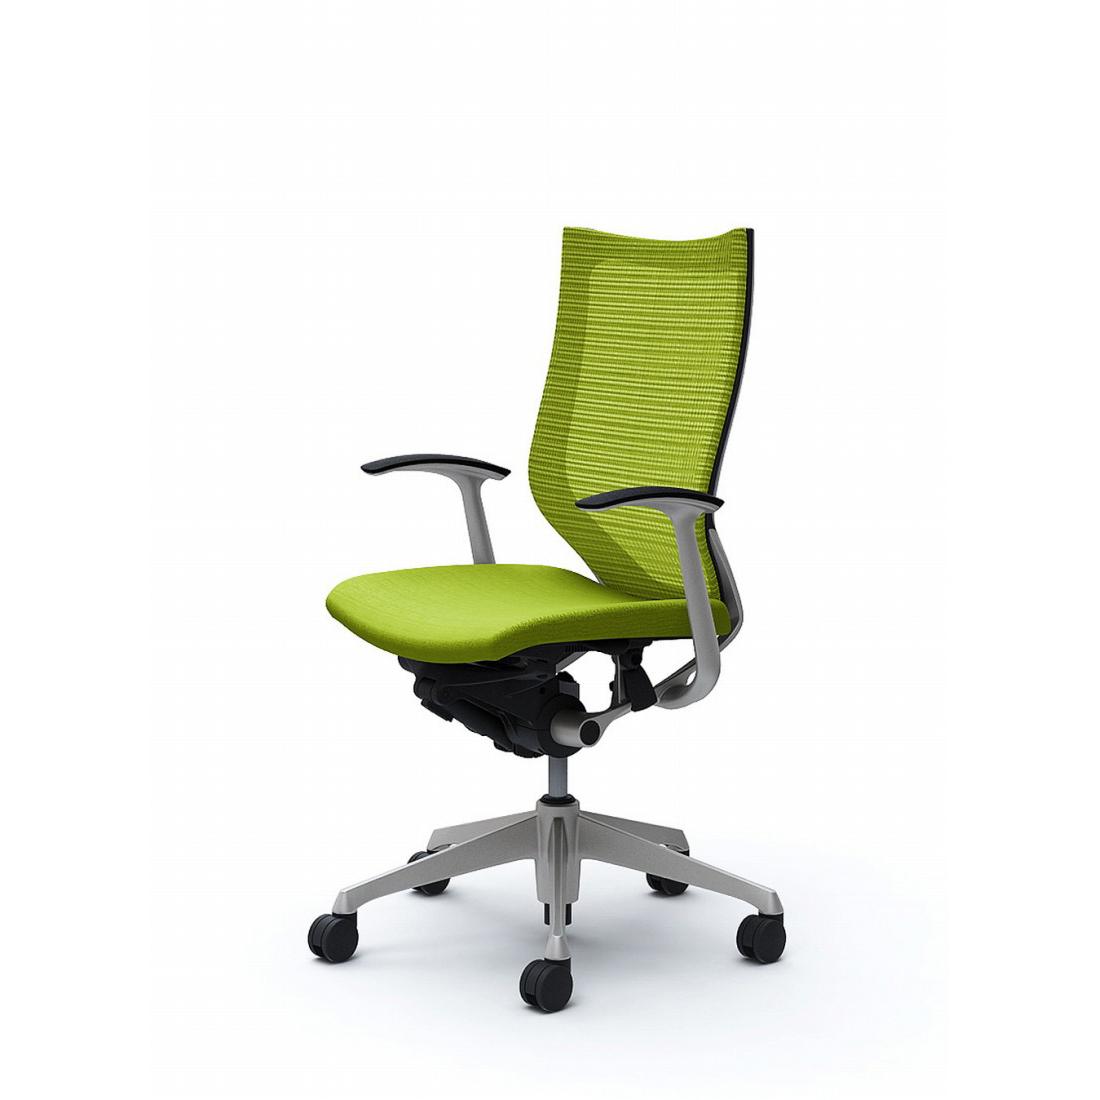 バロン バロンチェア CP45DR Baron【ハイバック】シルバーフレーム クッションシート デザインアーム オフィスチェア オカムラ(代引き不可)【送料無料】